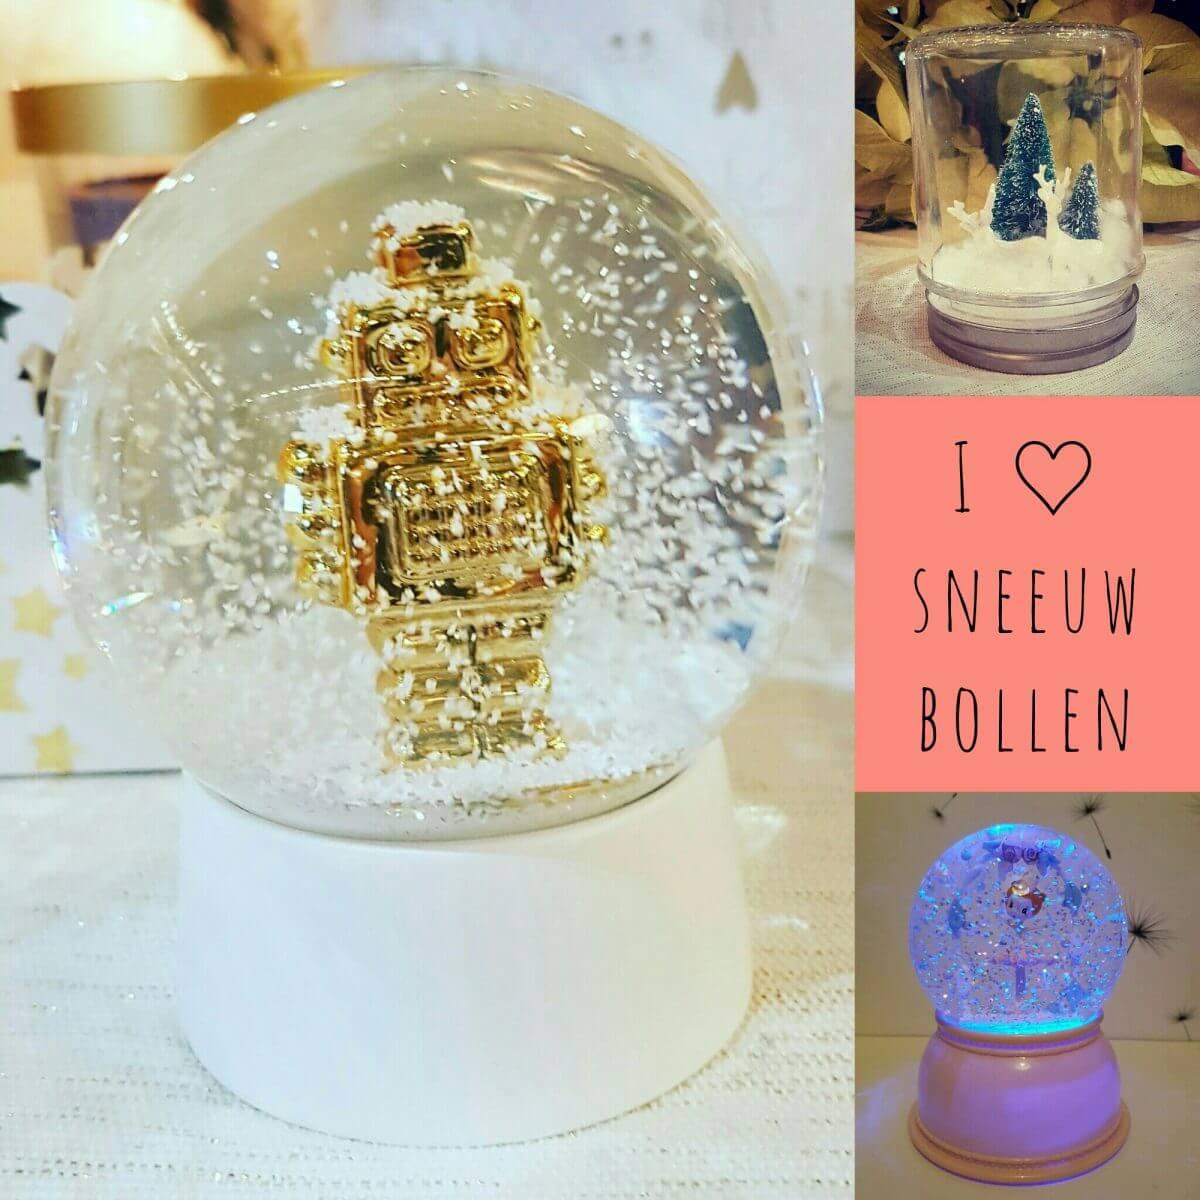 De leukste sneeuwbollen voor kerst, zelfgemaakt én in de winkels